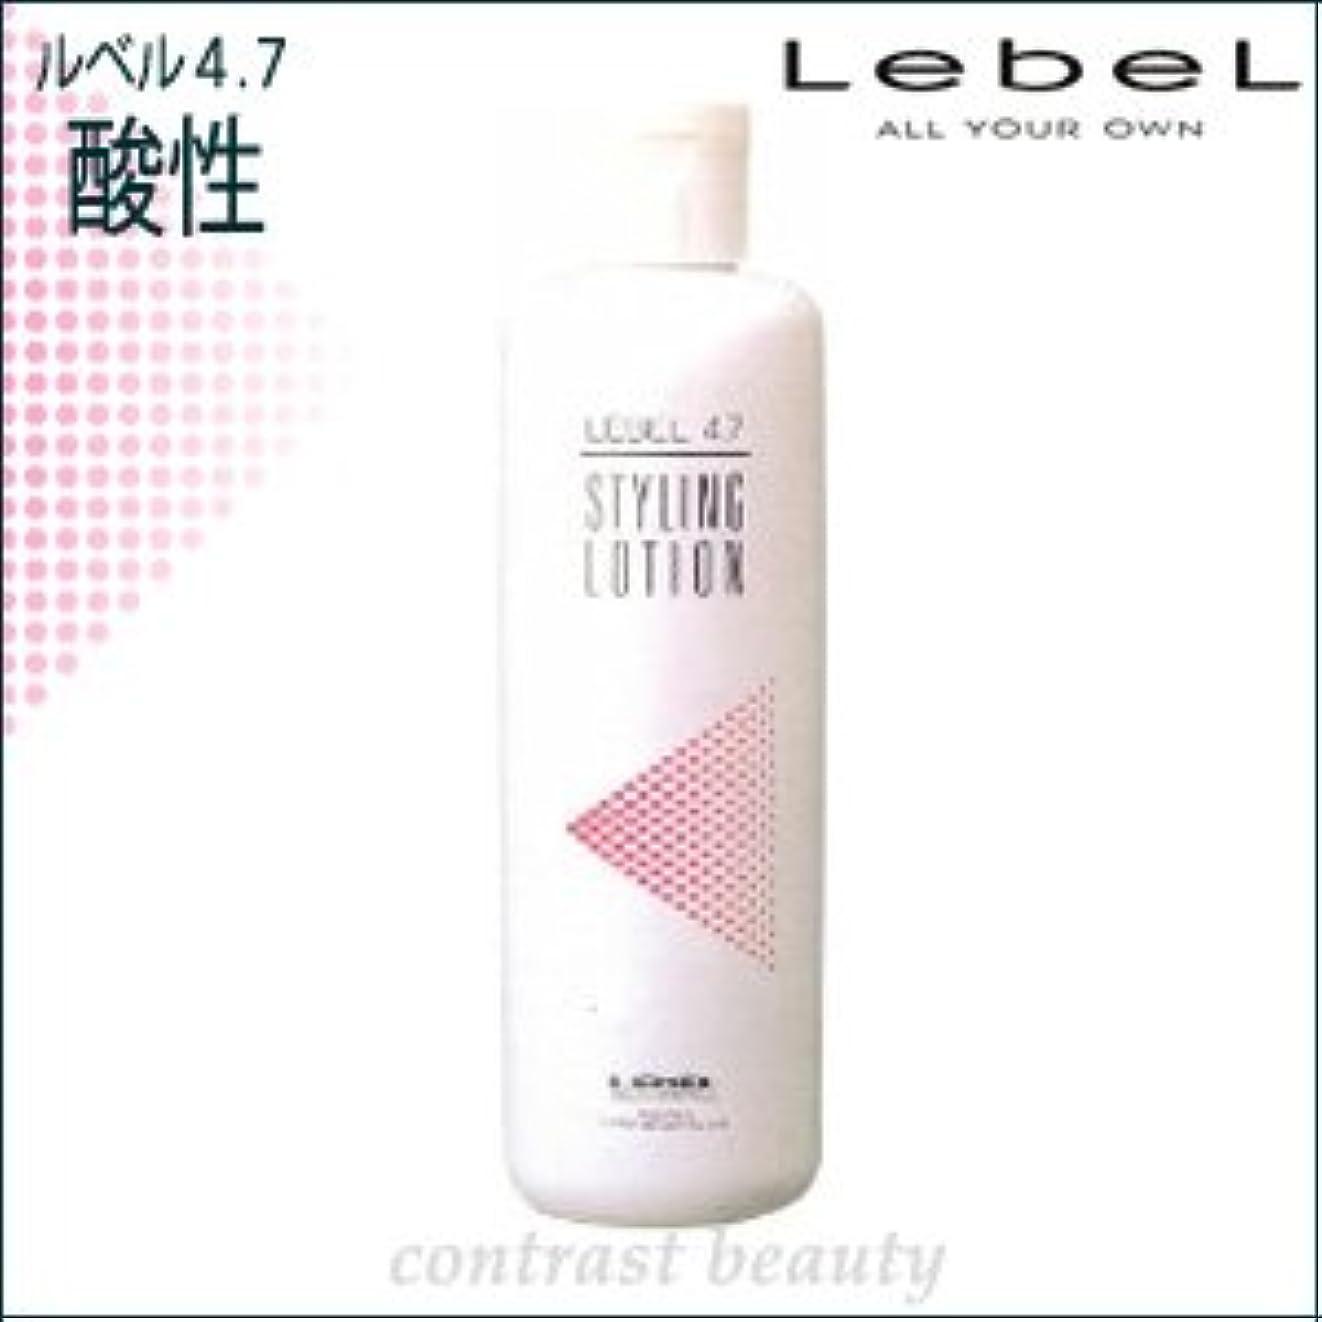 不名誉マイク三角形【X3個セット】 ルベルコスメティックス/LebeL 4.7酸性 スタイリングローション 400ml